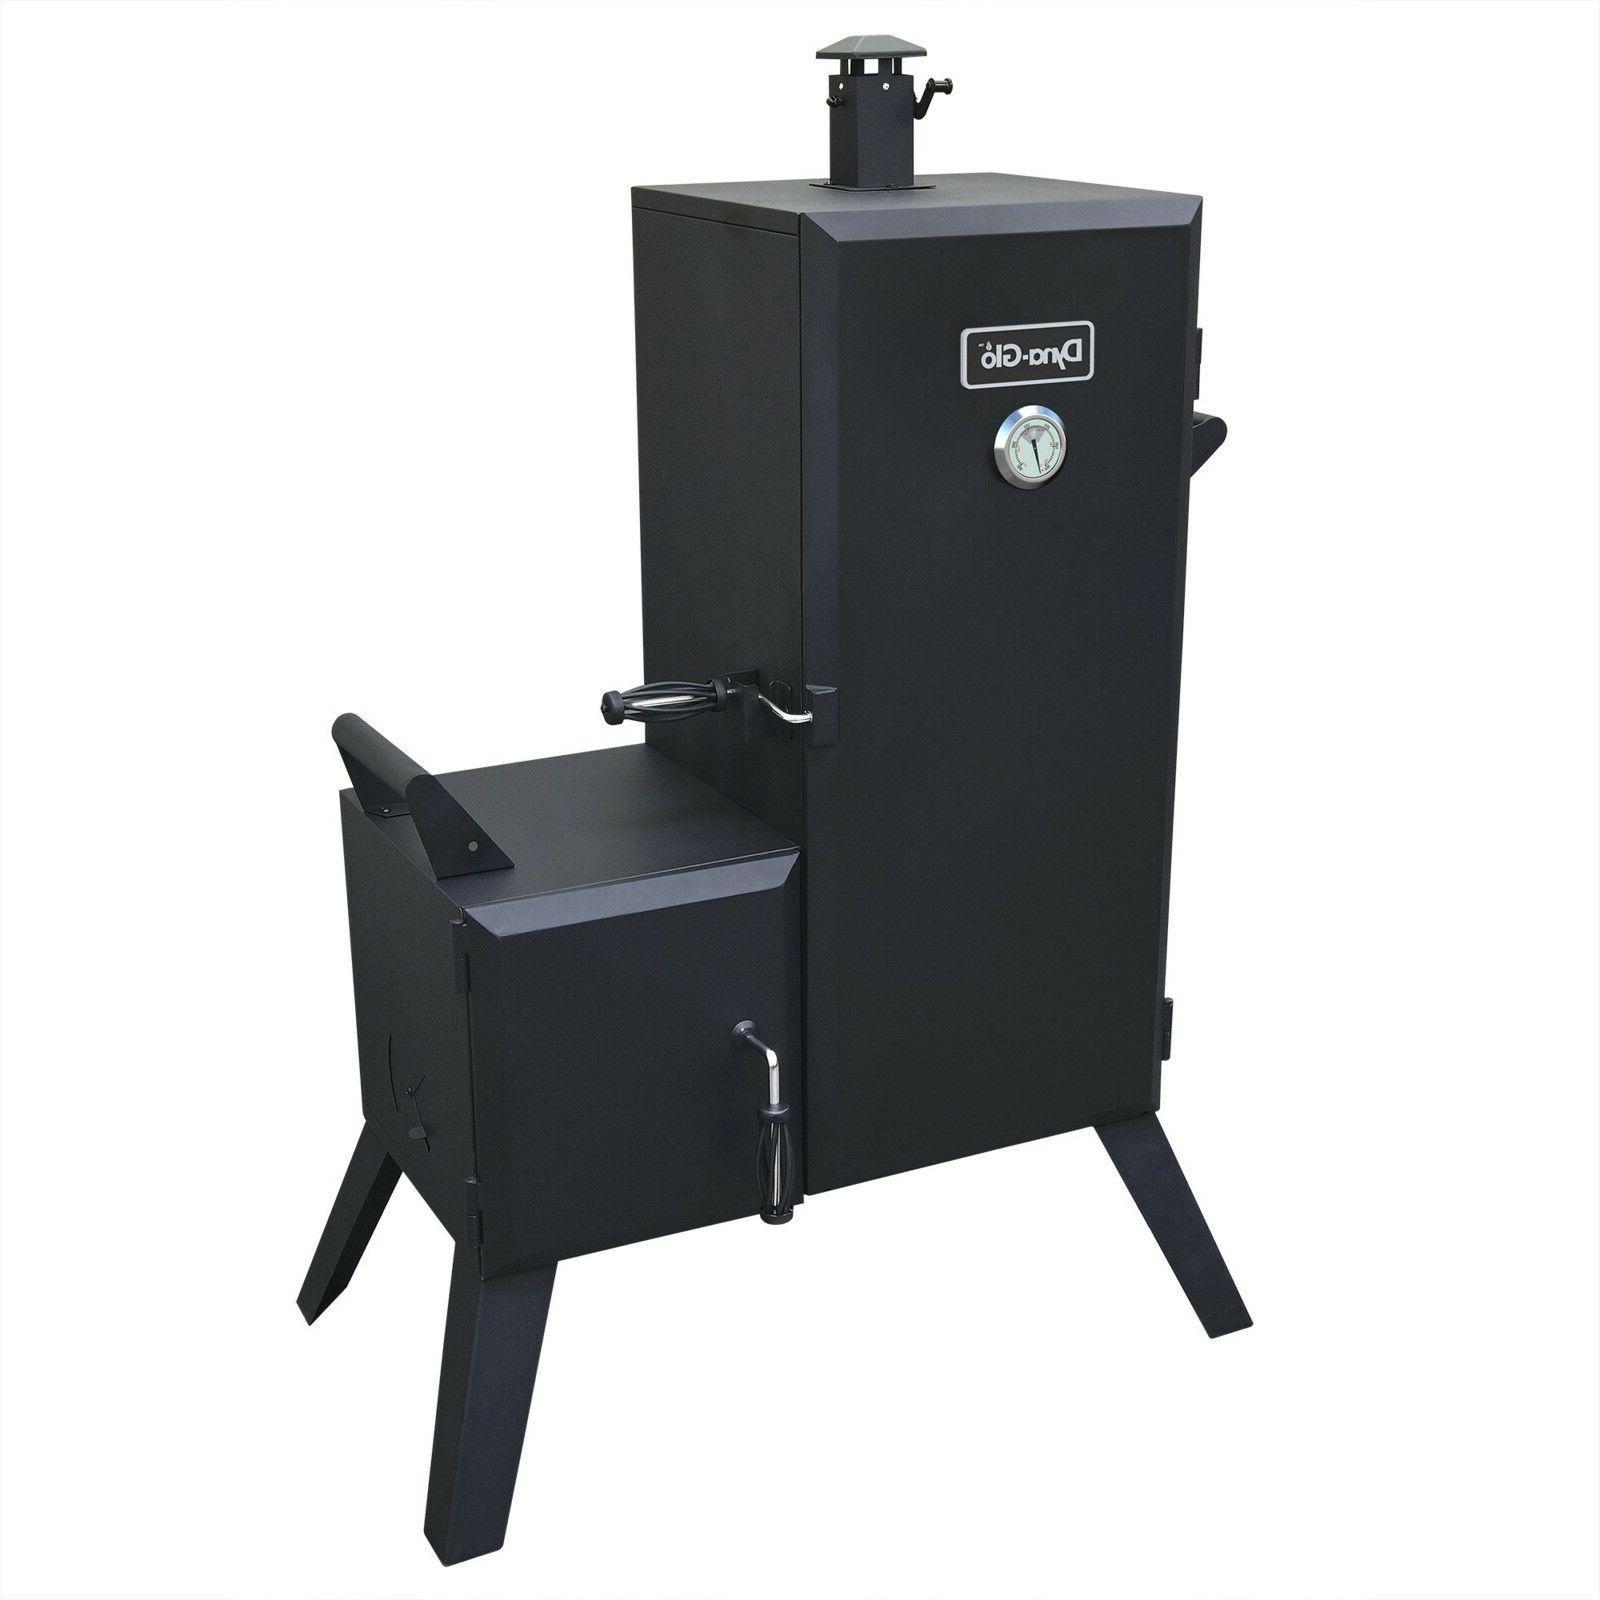 dgo1176bdc d vertical offset smoker